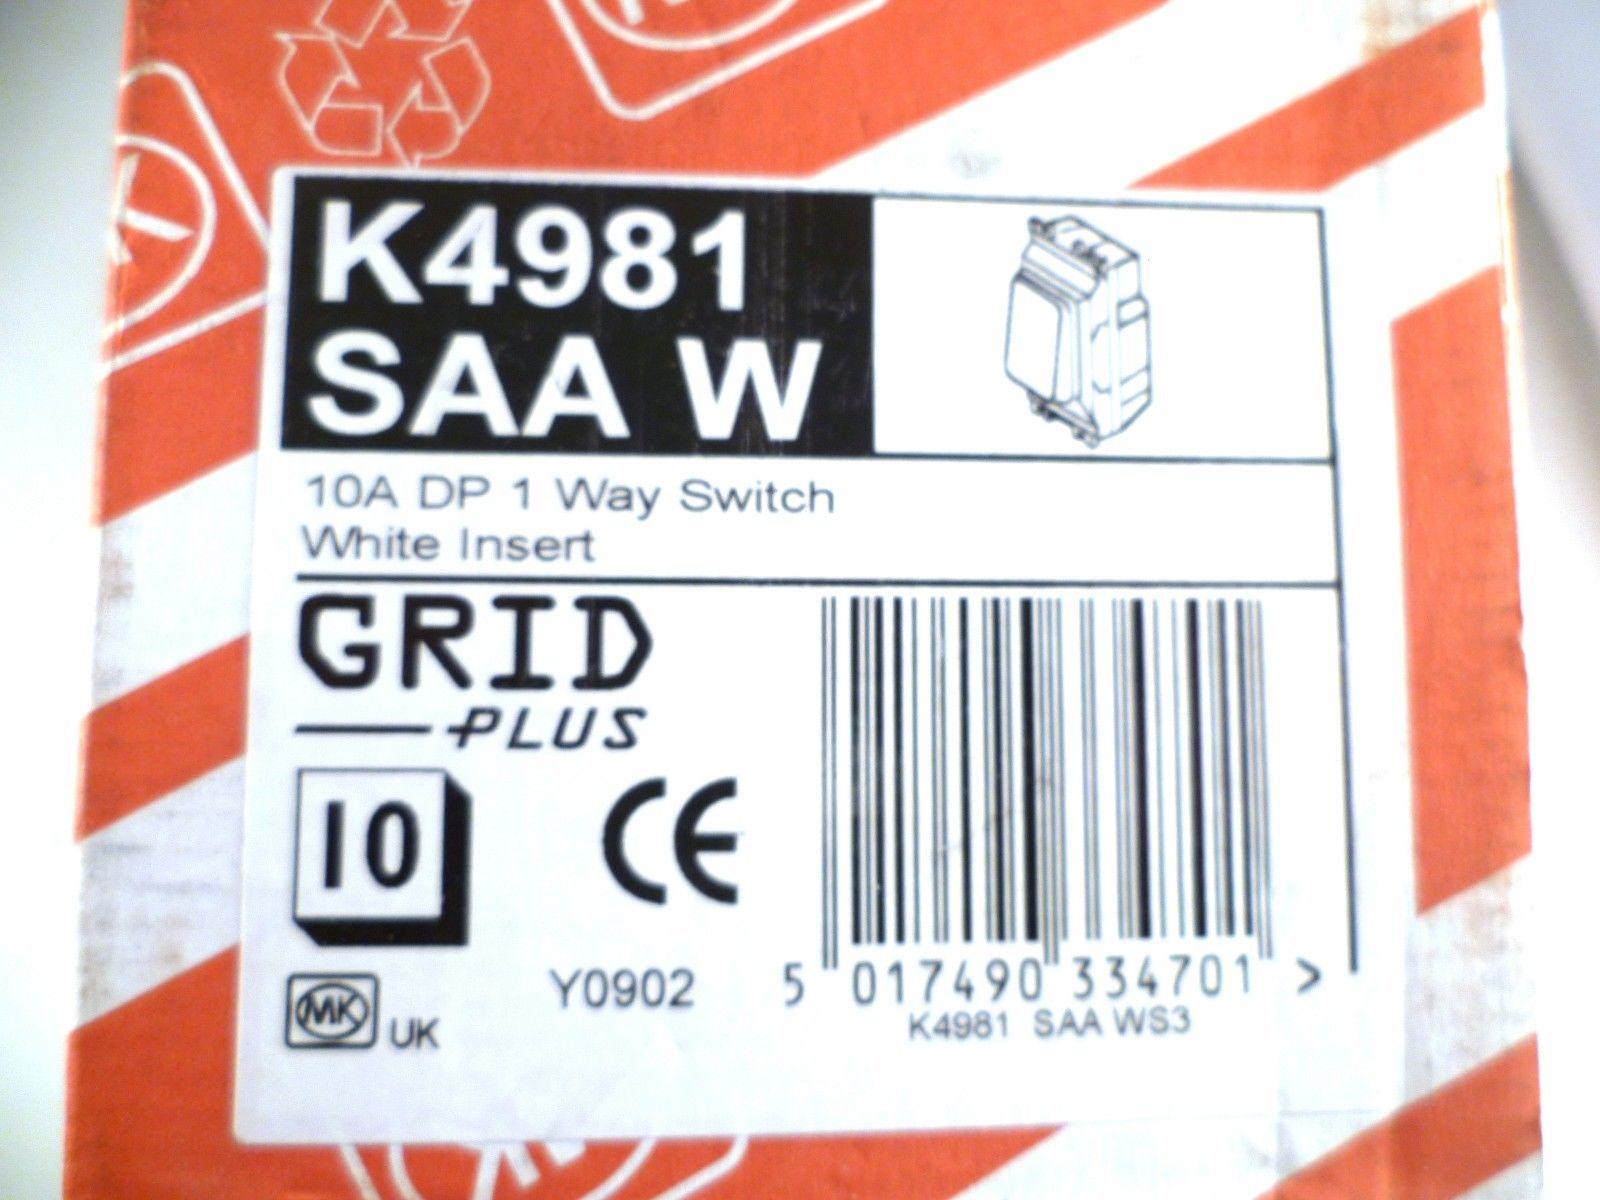 MK GRID PLUS 10A DP 1-WAY SWITCH K4981 WHI